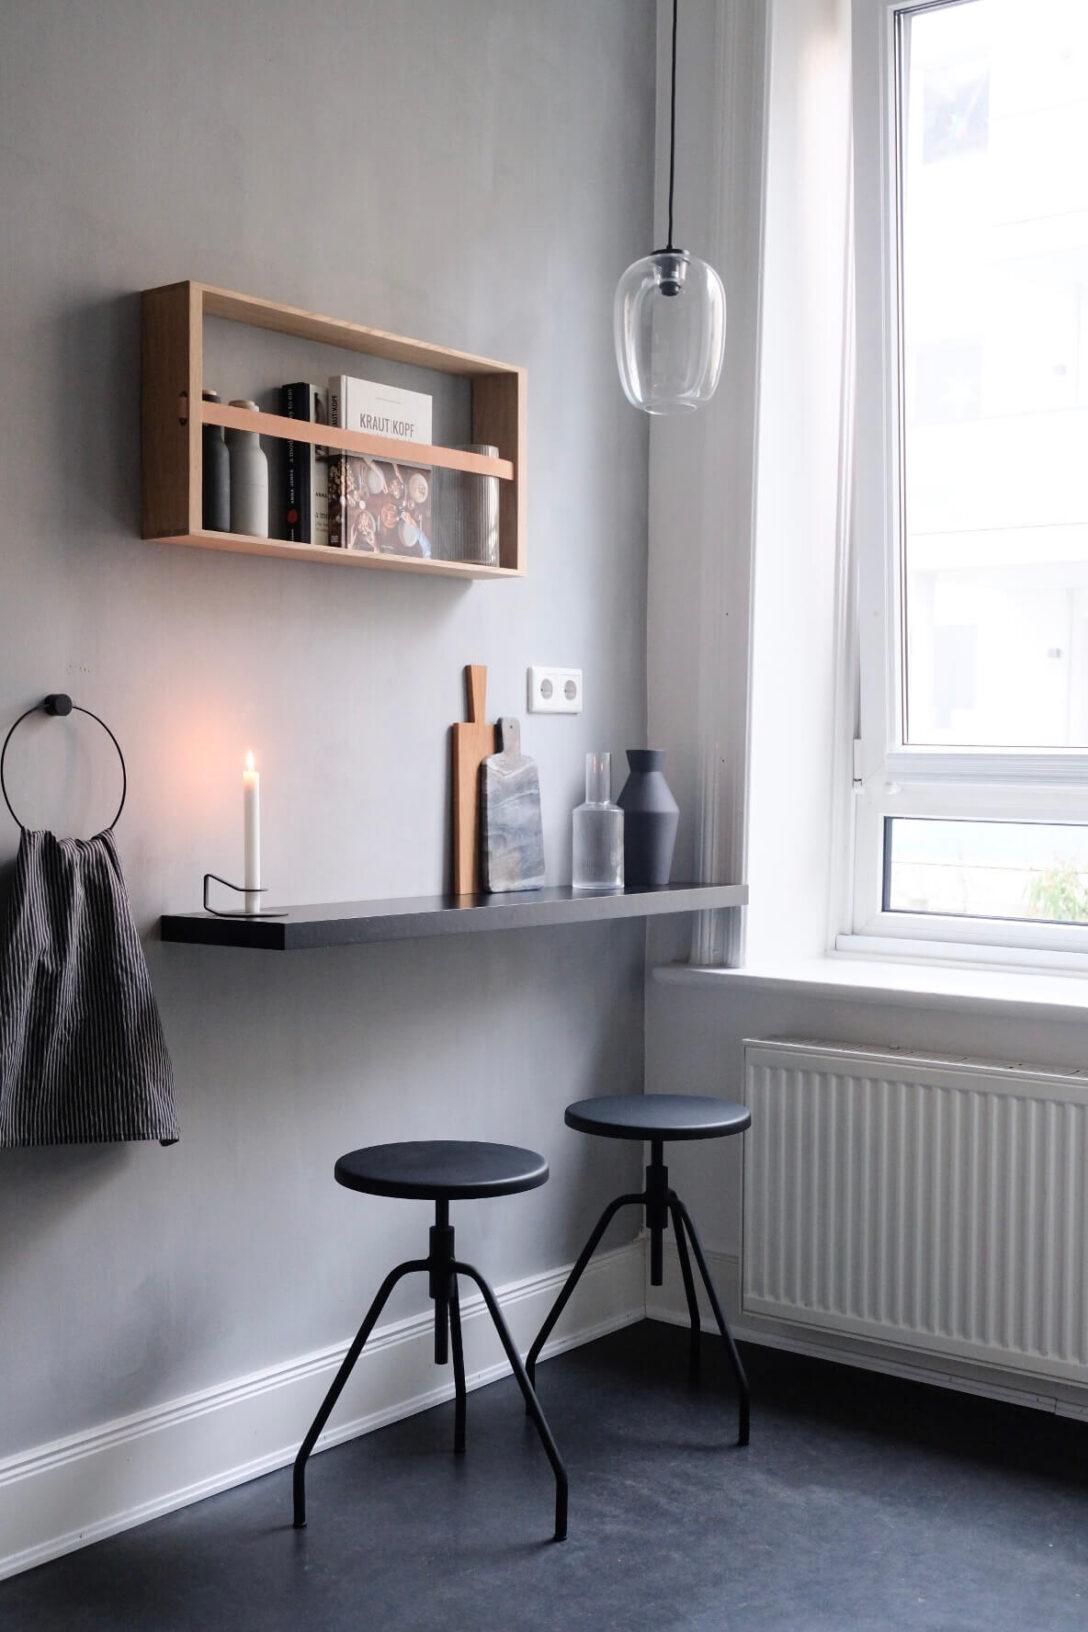 Large Size of Mein Kchen Makeover Mit Kalklitir Wohnglck Interior Design Küche Günstig Elektrogeräten Rolladenschrank Led Deckenleuchte Vorhänge Sichtschutzfolien Für Wohnzimmer Wandfarben Für Küche